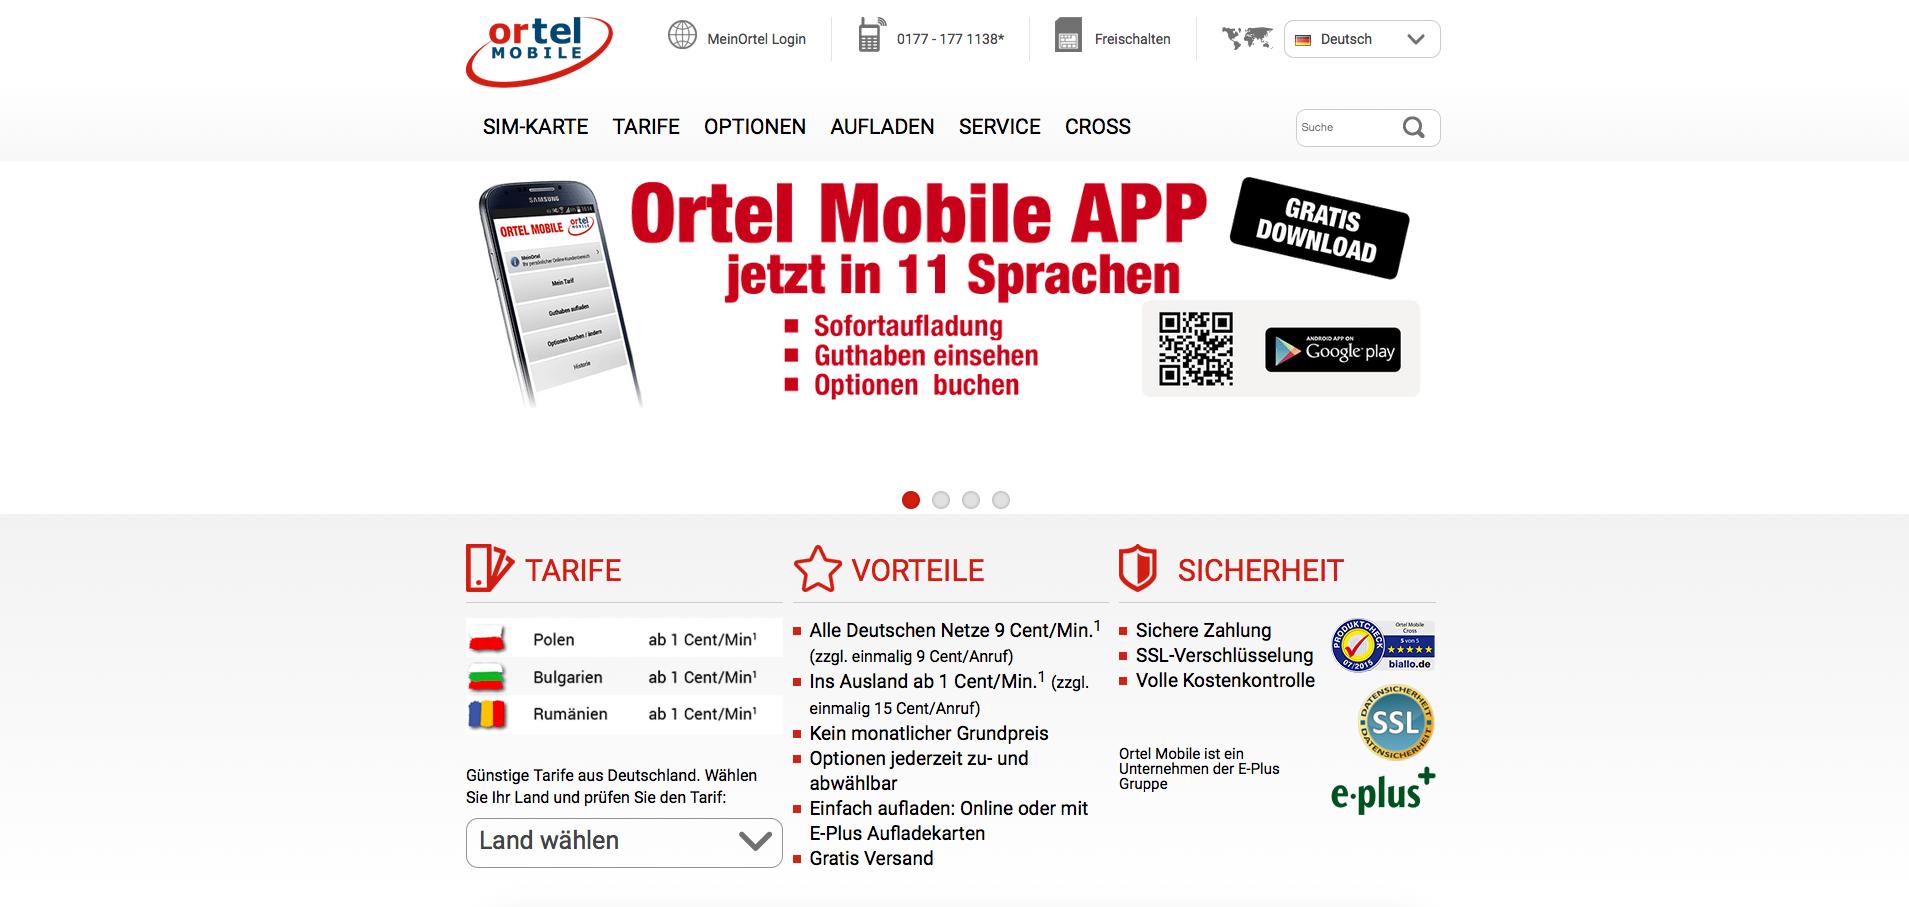 Ortel Mobile Gutschein